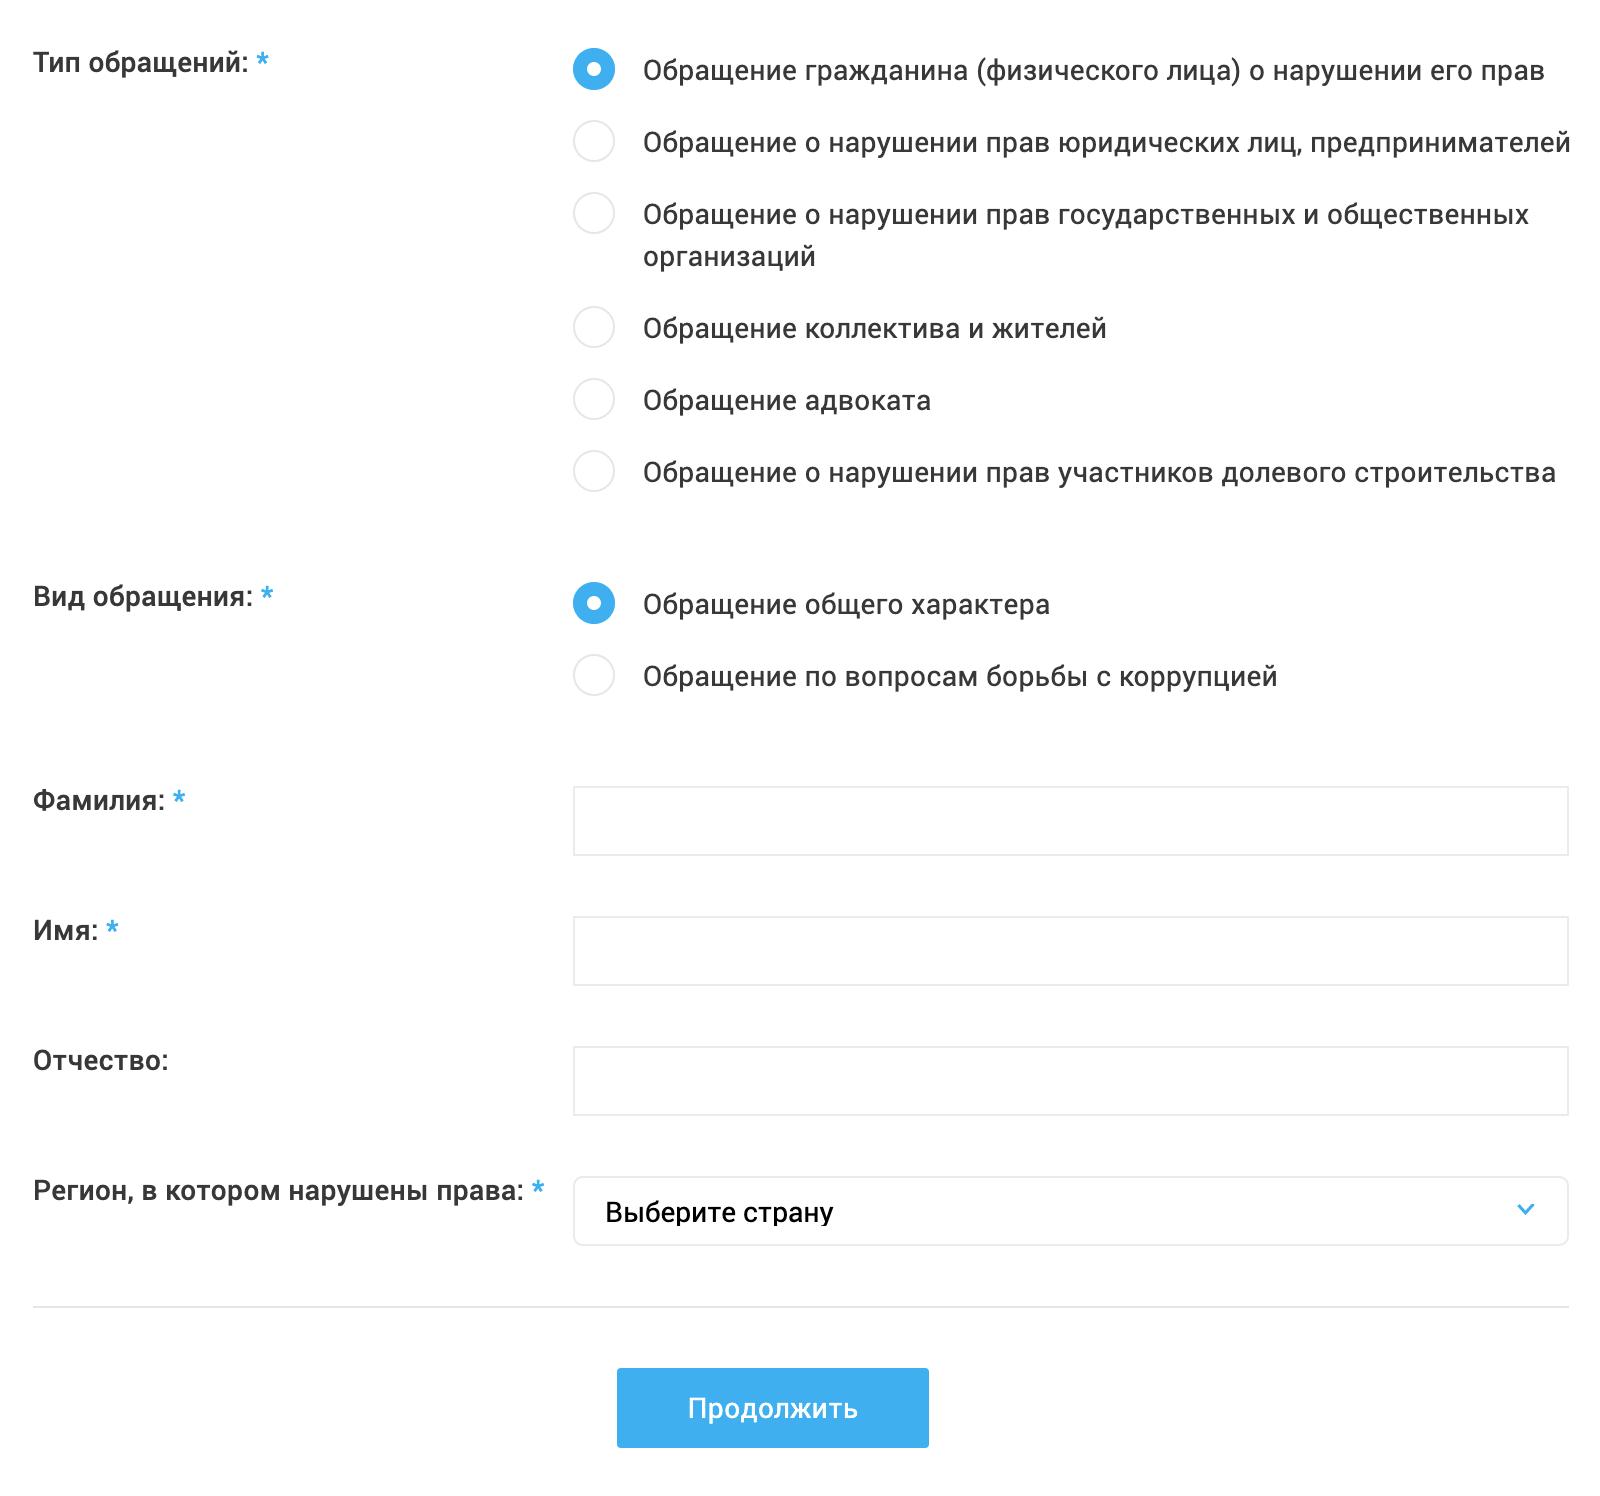 Здесь регистрация на сайте госуслуг не требуется — достаточно просто указать свои данные